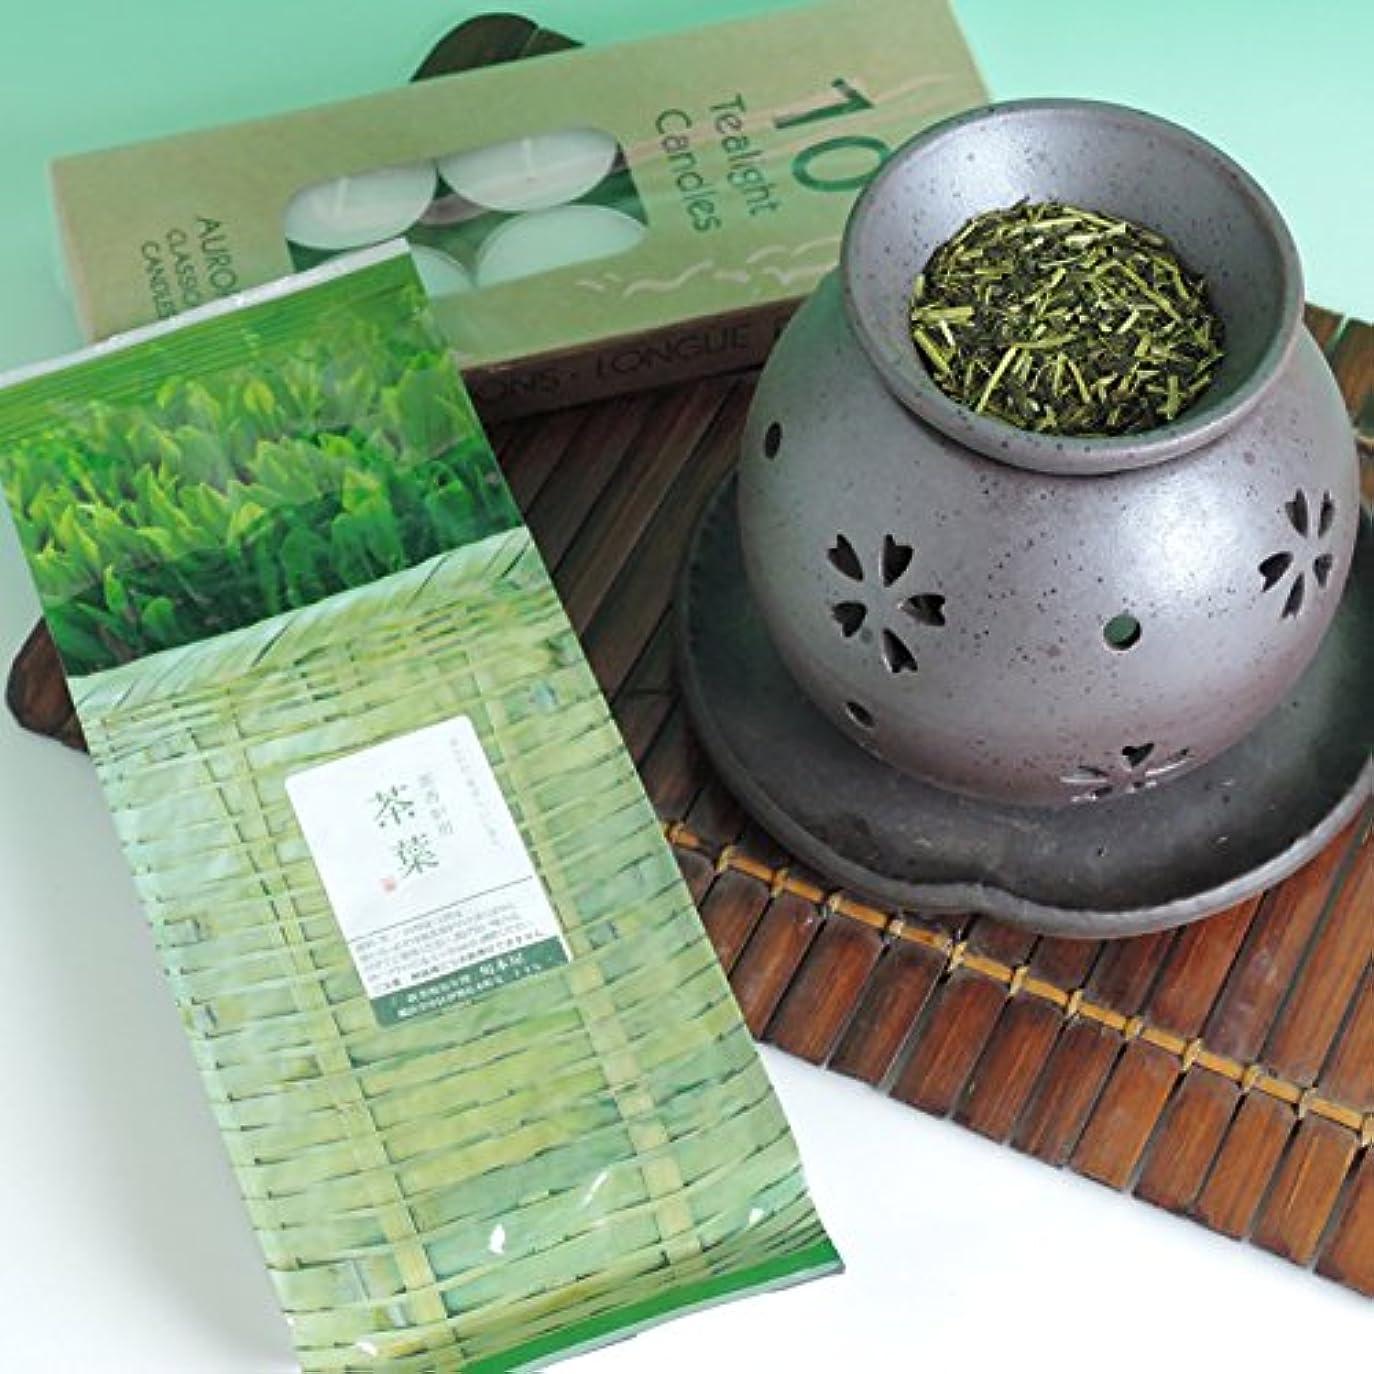 キウイプログラムフローティング茶香炉 盛正作 ローソク 茶香炉専用 茶葉 セット 川本屋茶舗